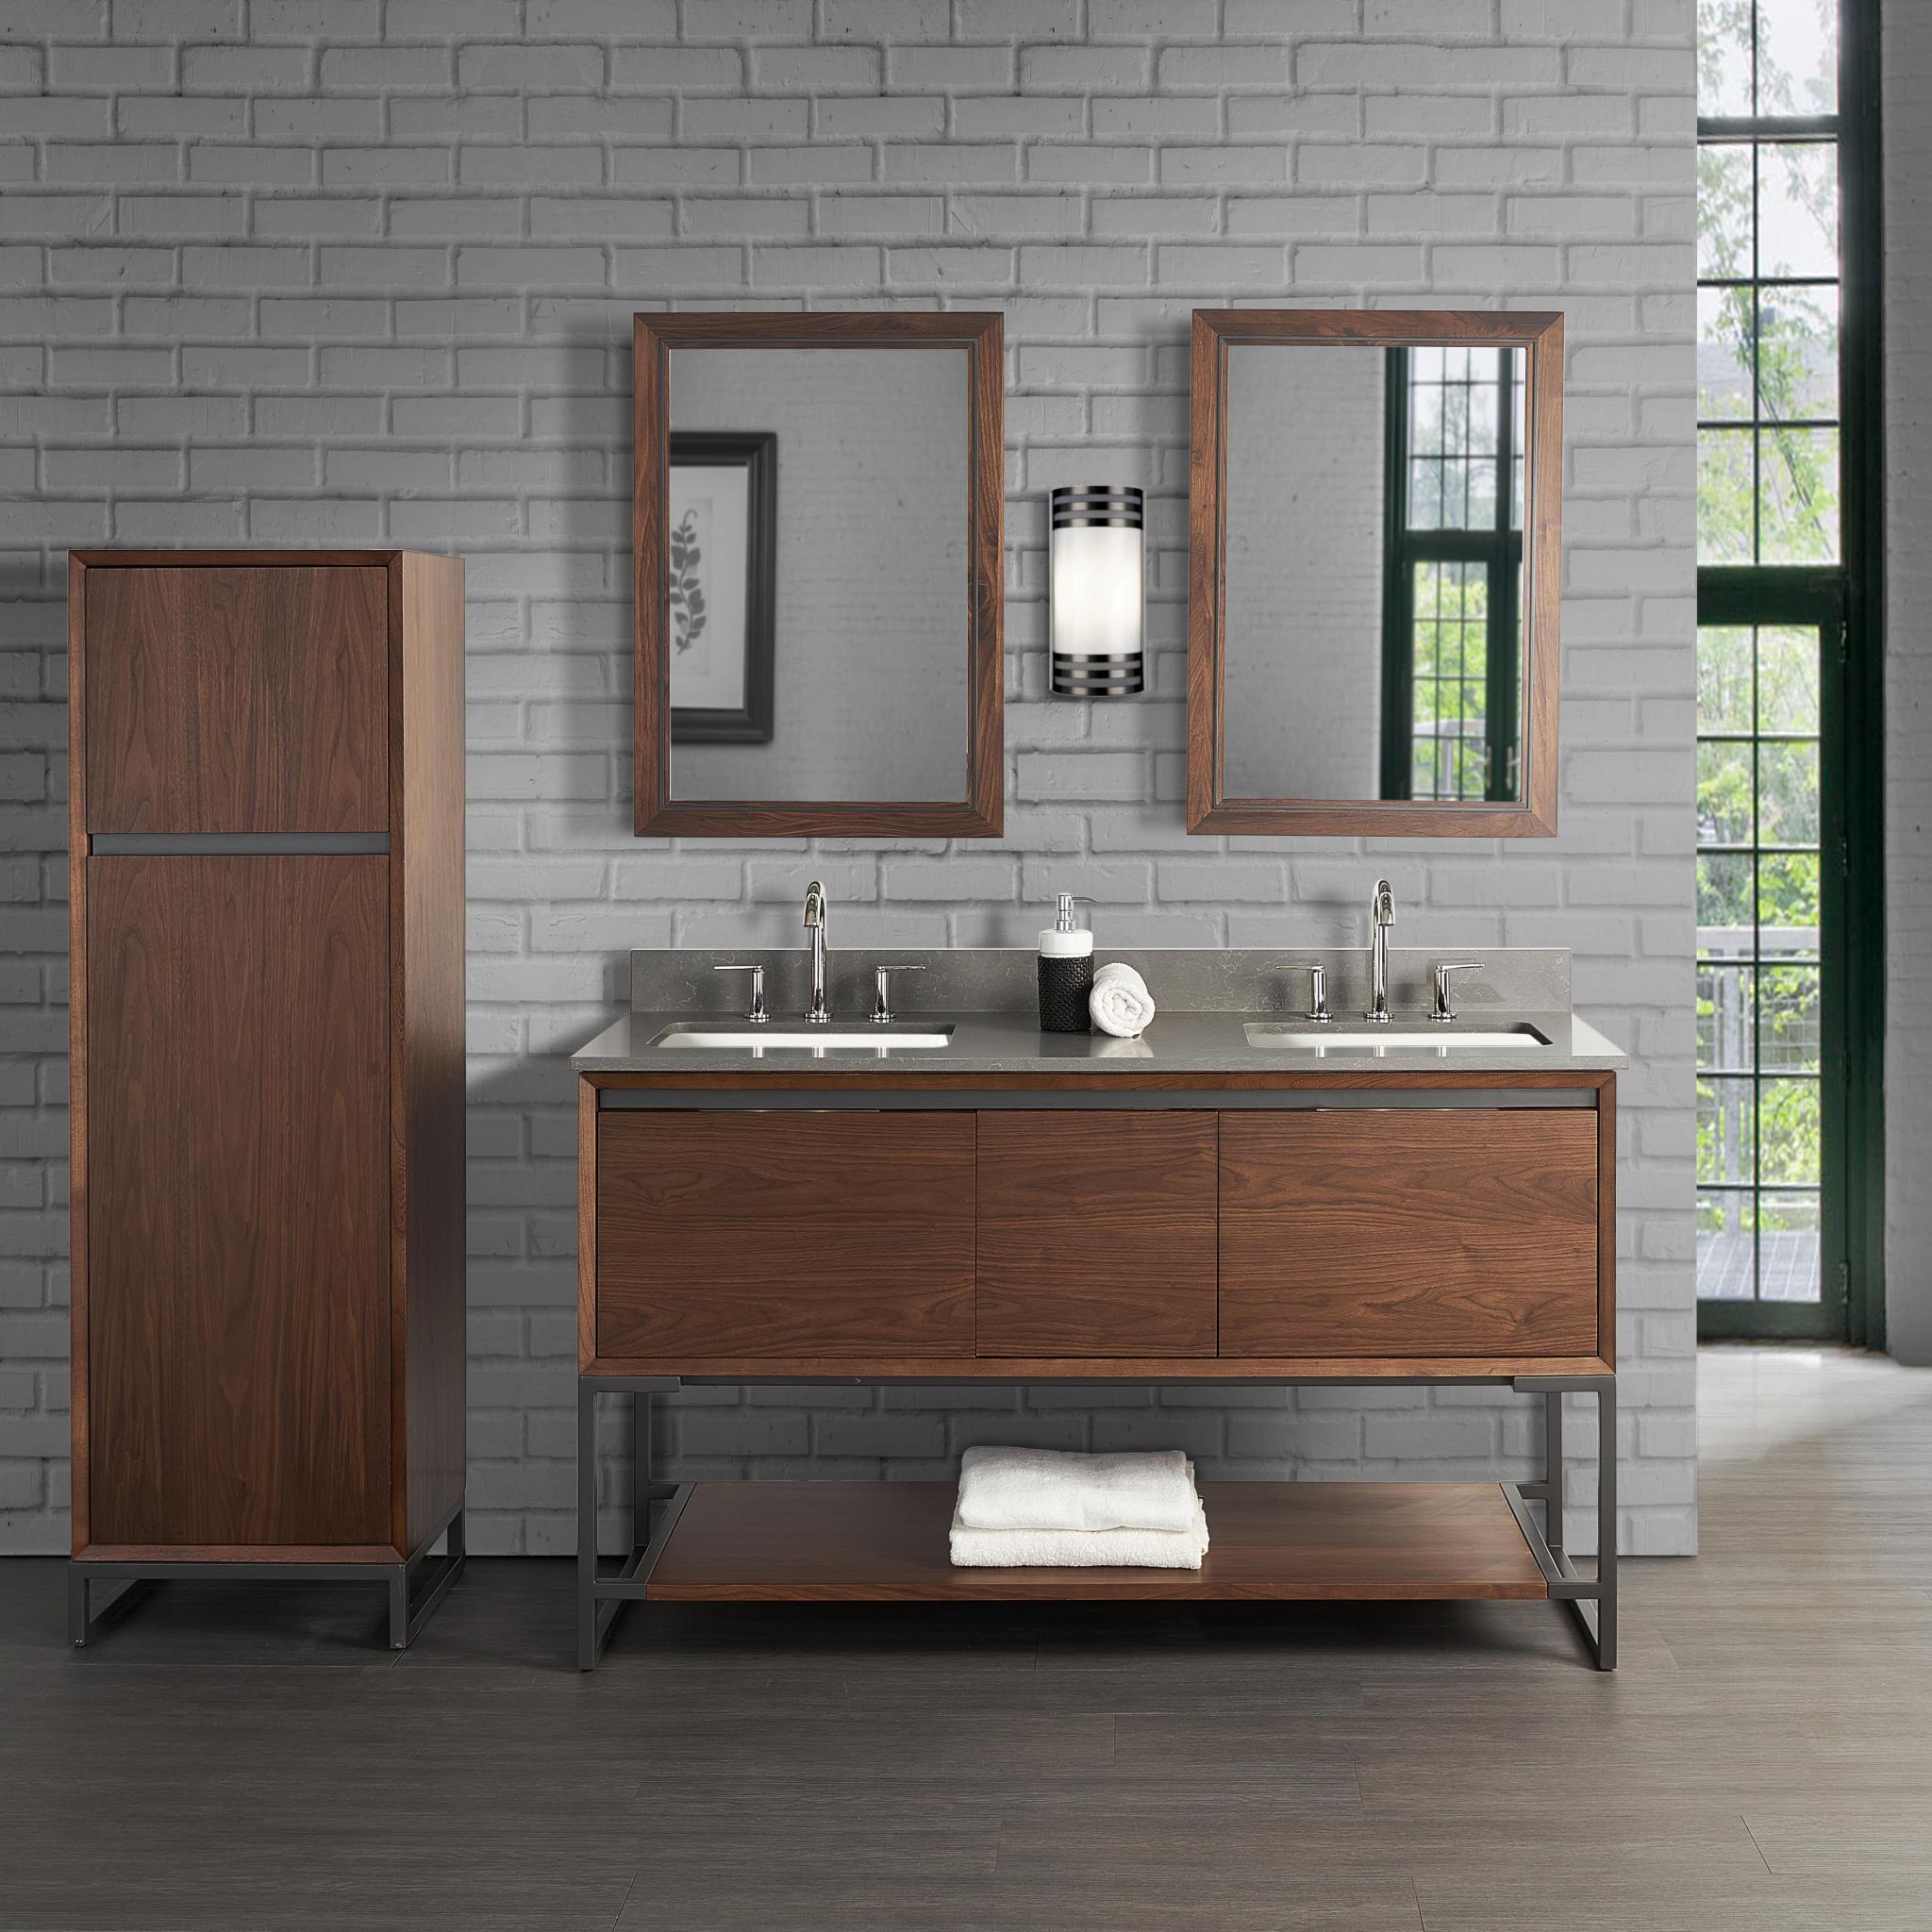 Fairmont Designs #213 M4 - Vanity - ArchStone Design